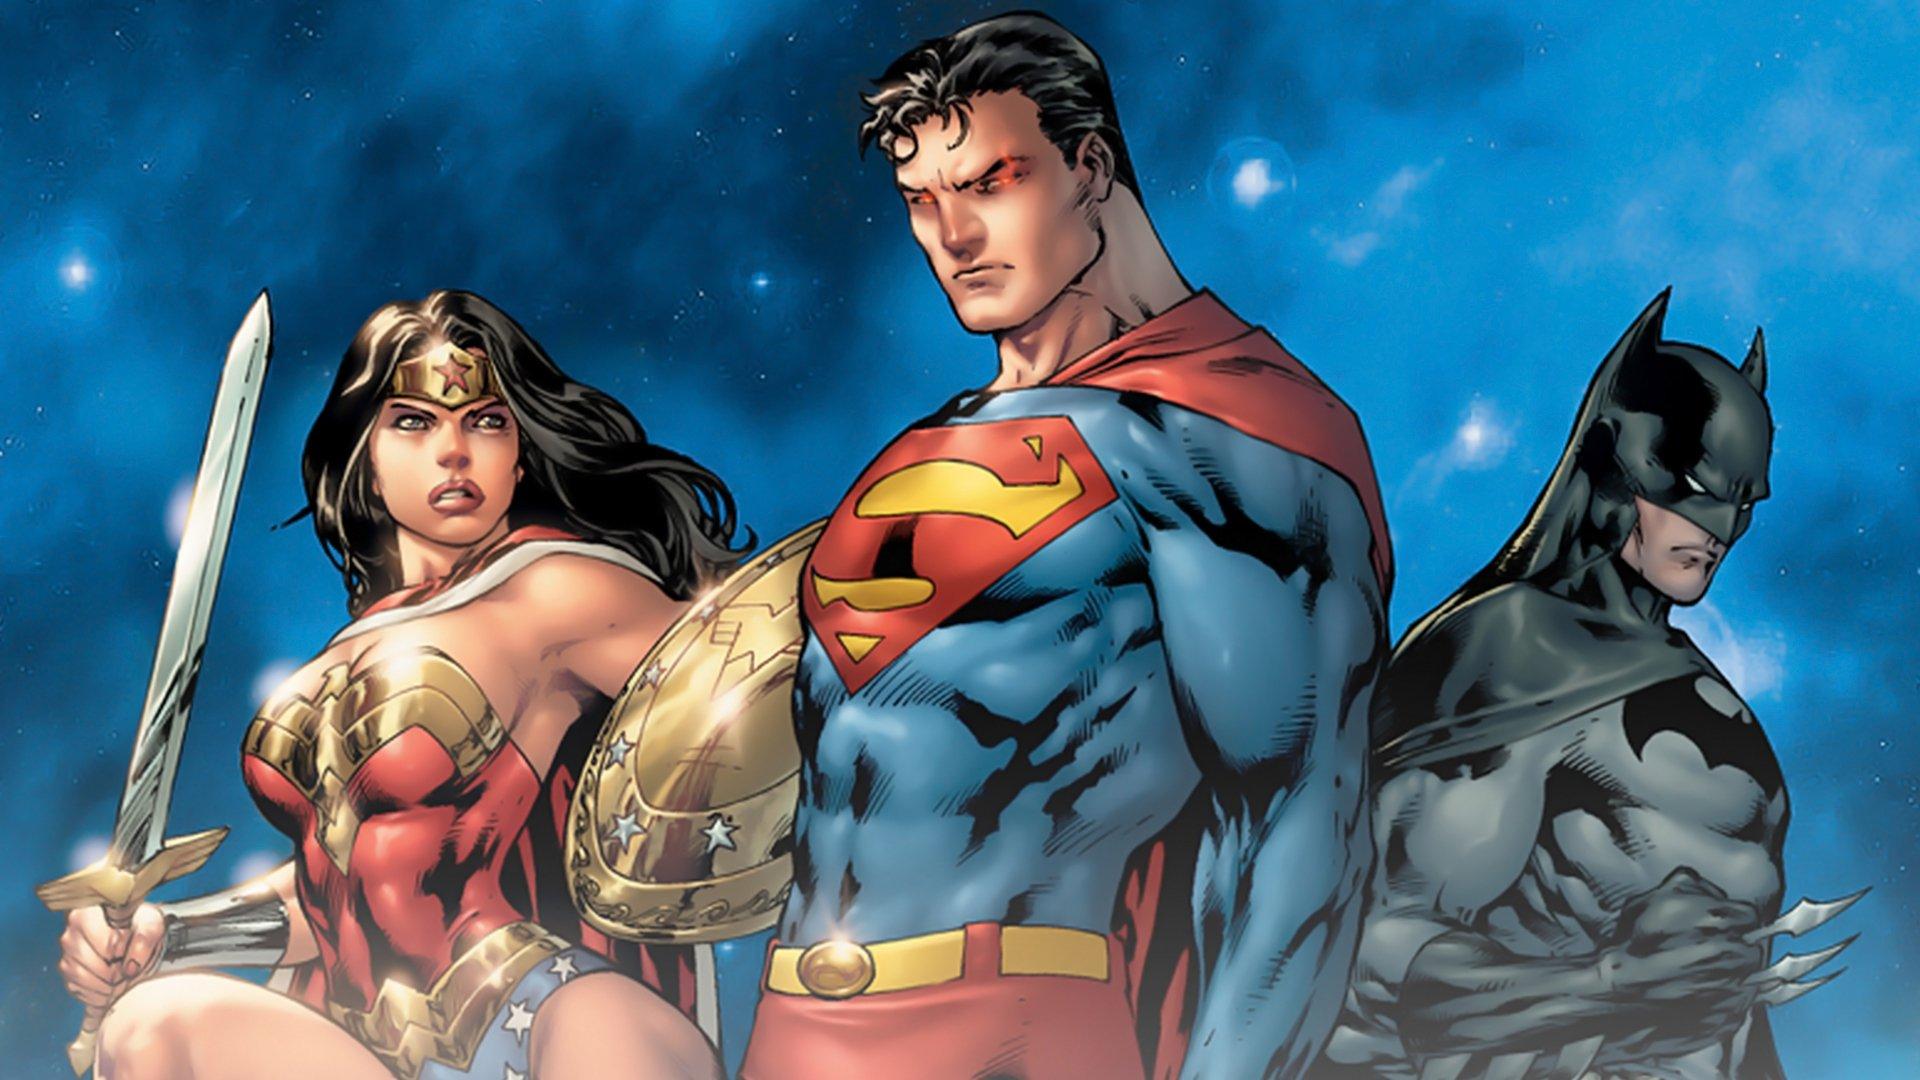 Новые костюмы Бэтмена, Супермена и Чудо-Женщины в комиксах - Изображение 1